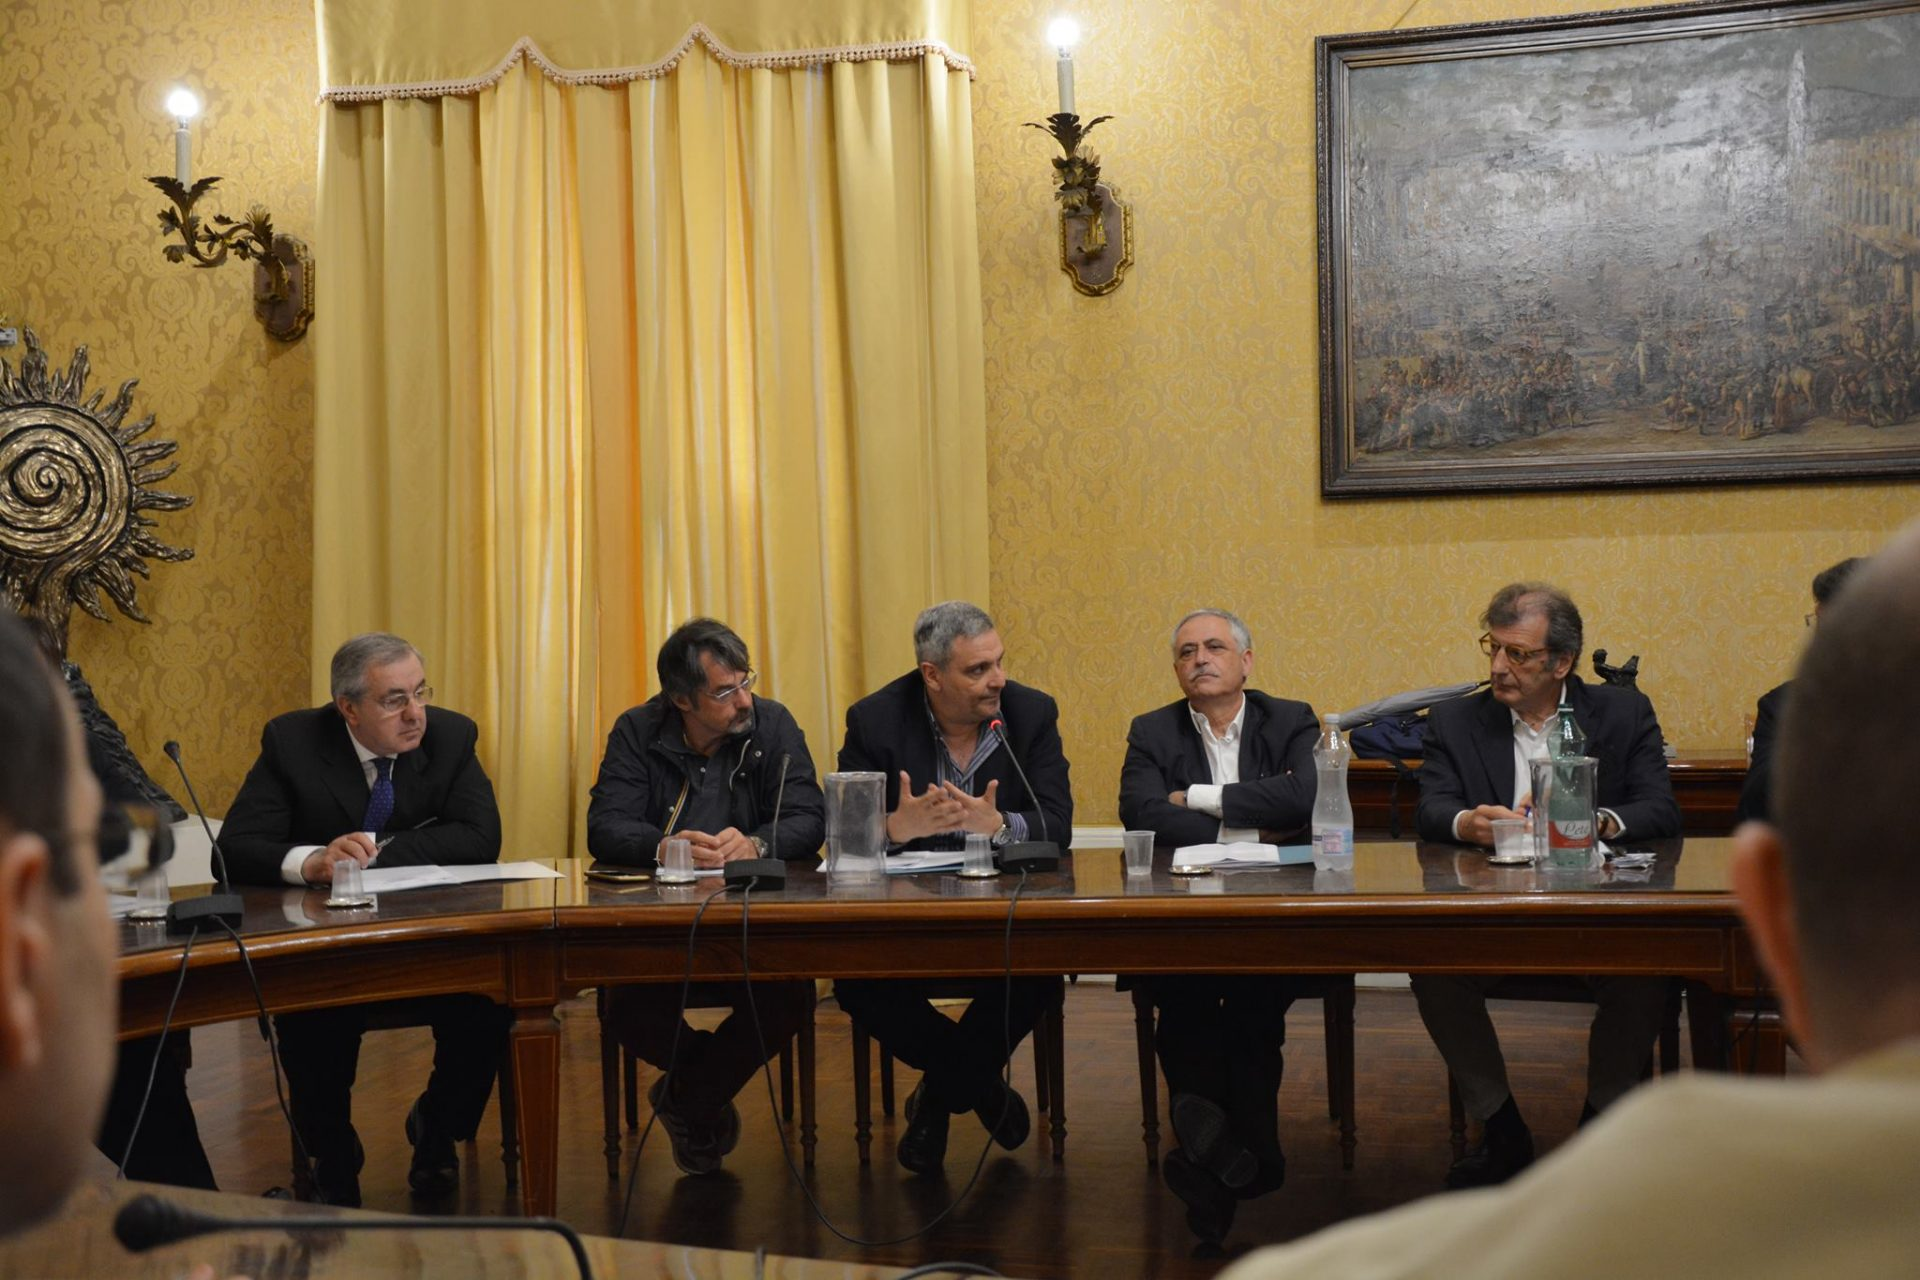 conferenza stampa napoli città libro